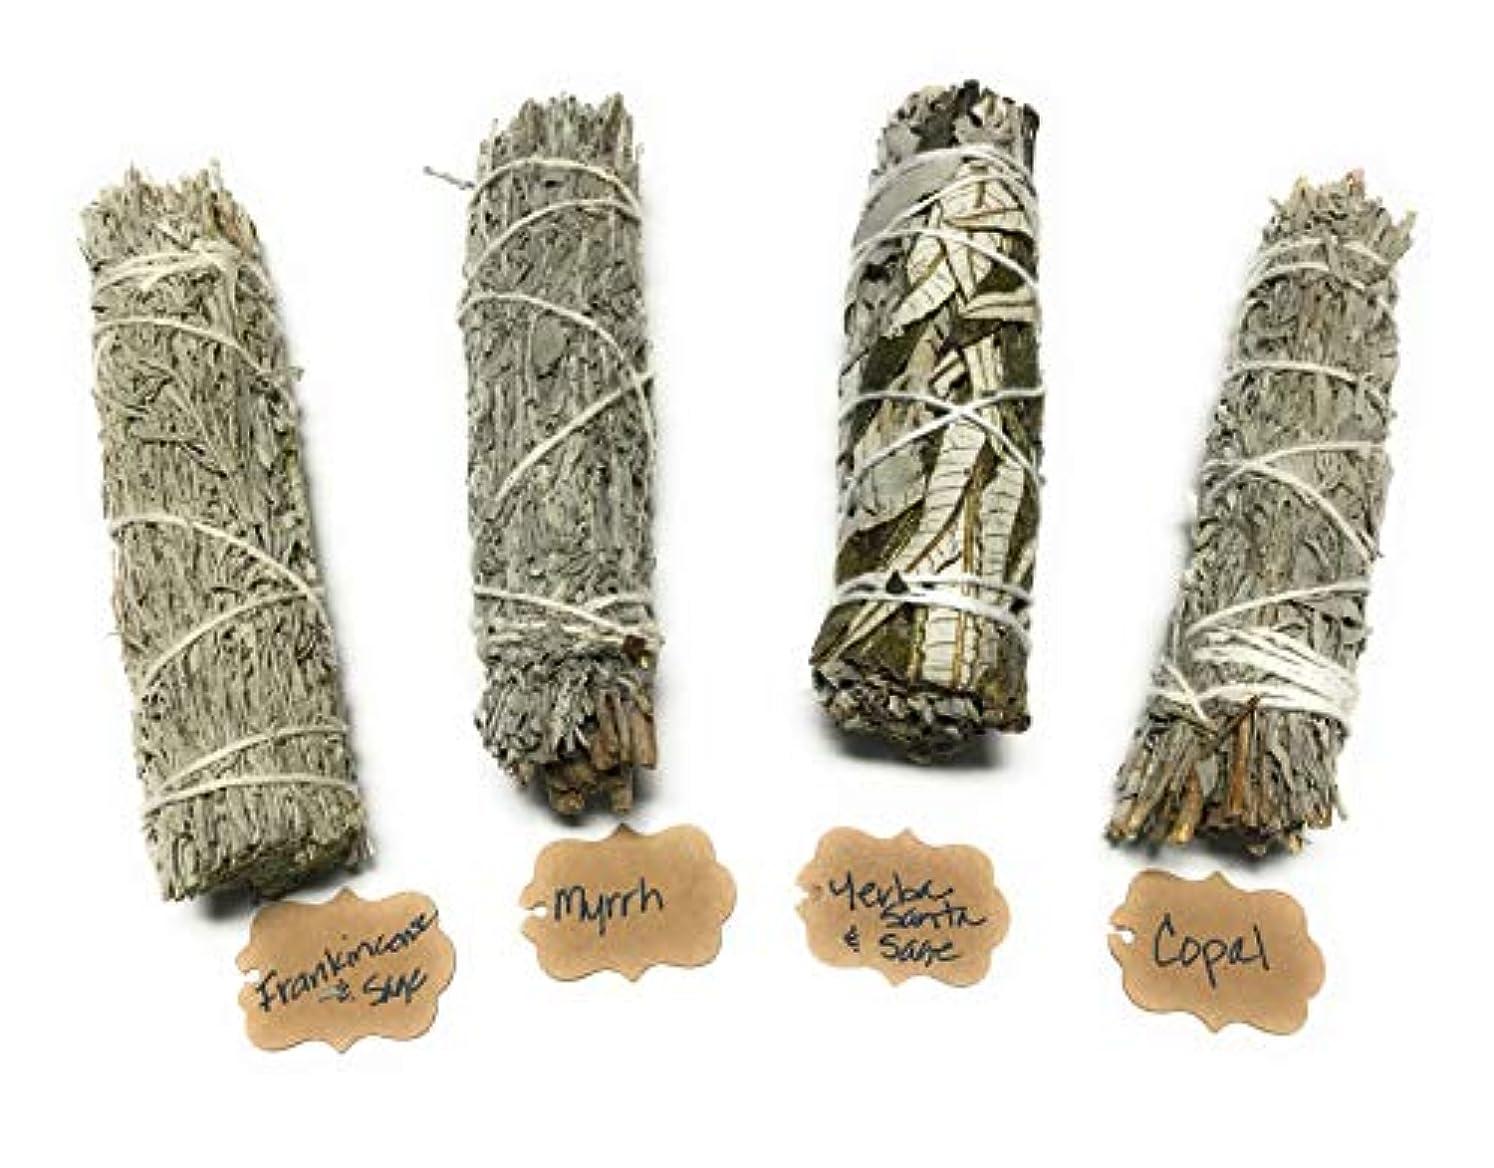 人工的な許さない熟したArianna Willow Mystical バラエティスマッジスティック Copal、Frankincense、Myrrh、Yerba Santaを含む